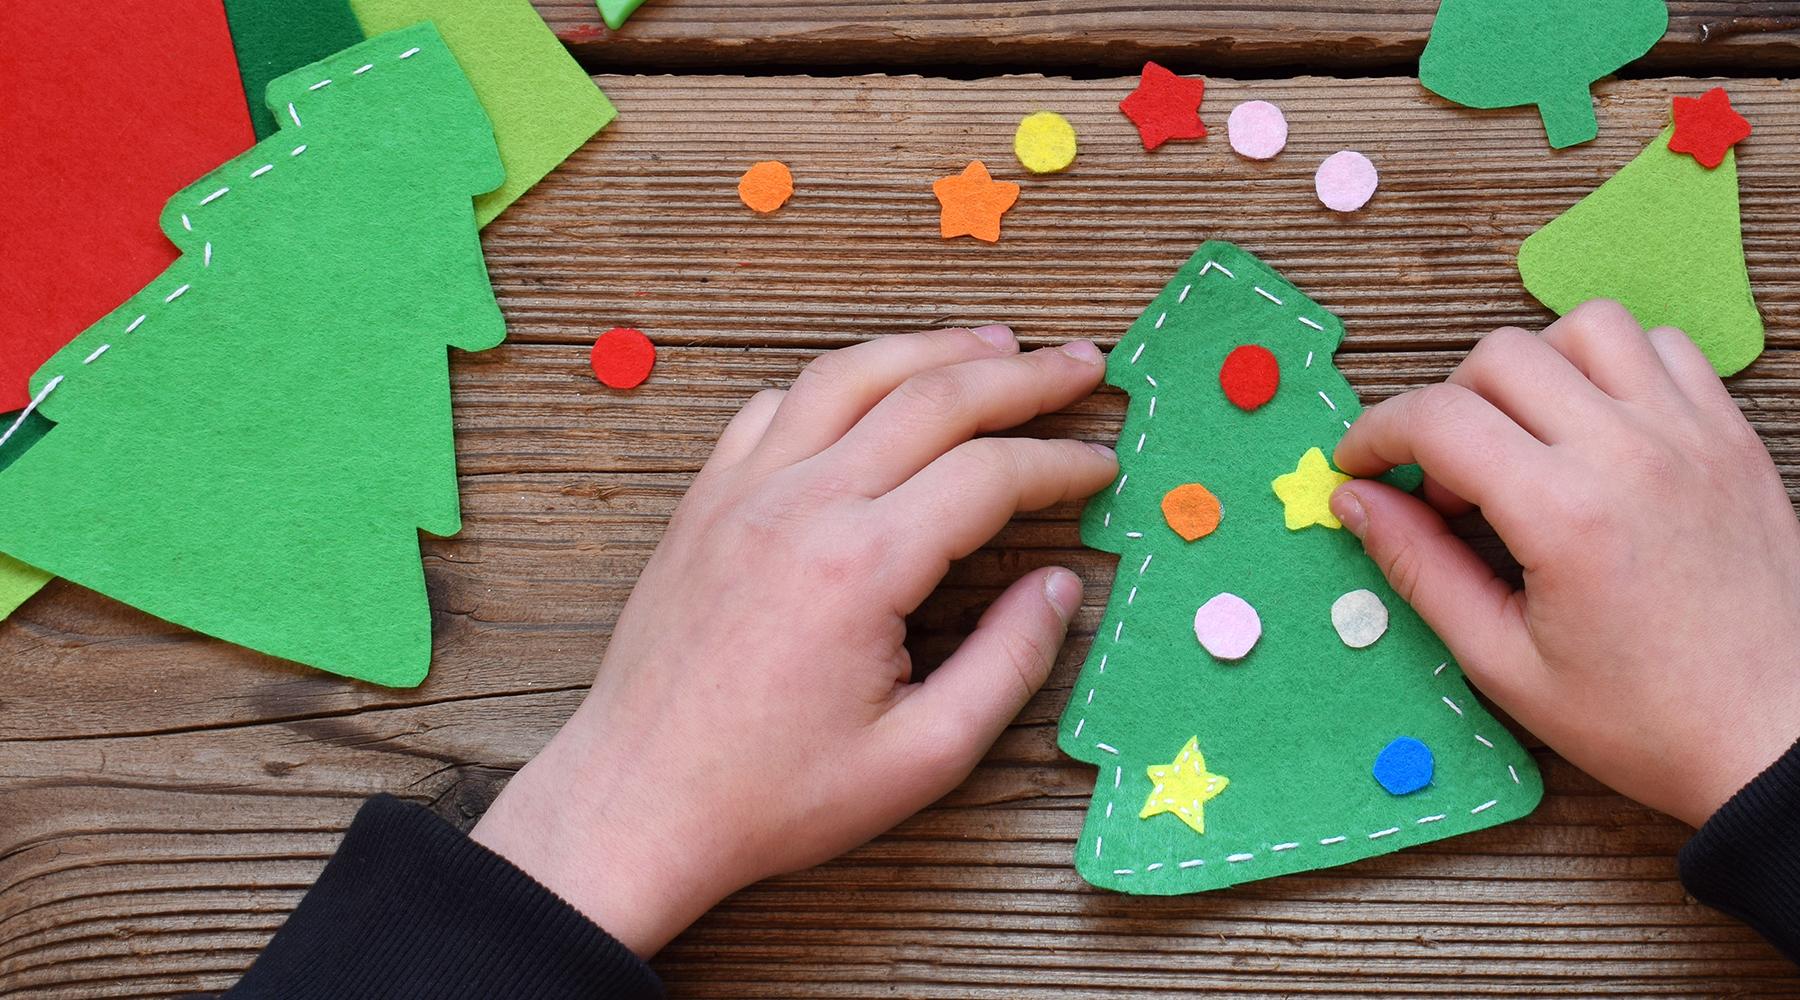 Einfacher selbstgebastelter Weihnachtsschmuck für die diesjährige Weihnachtswerkstatt